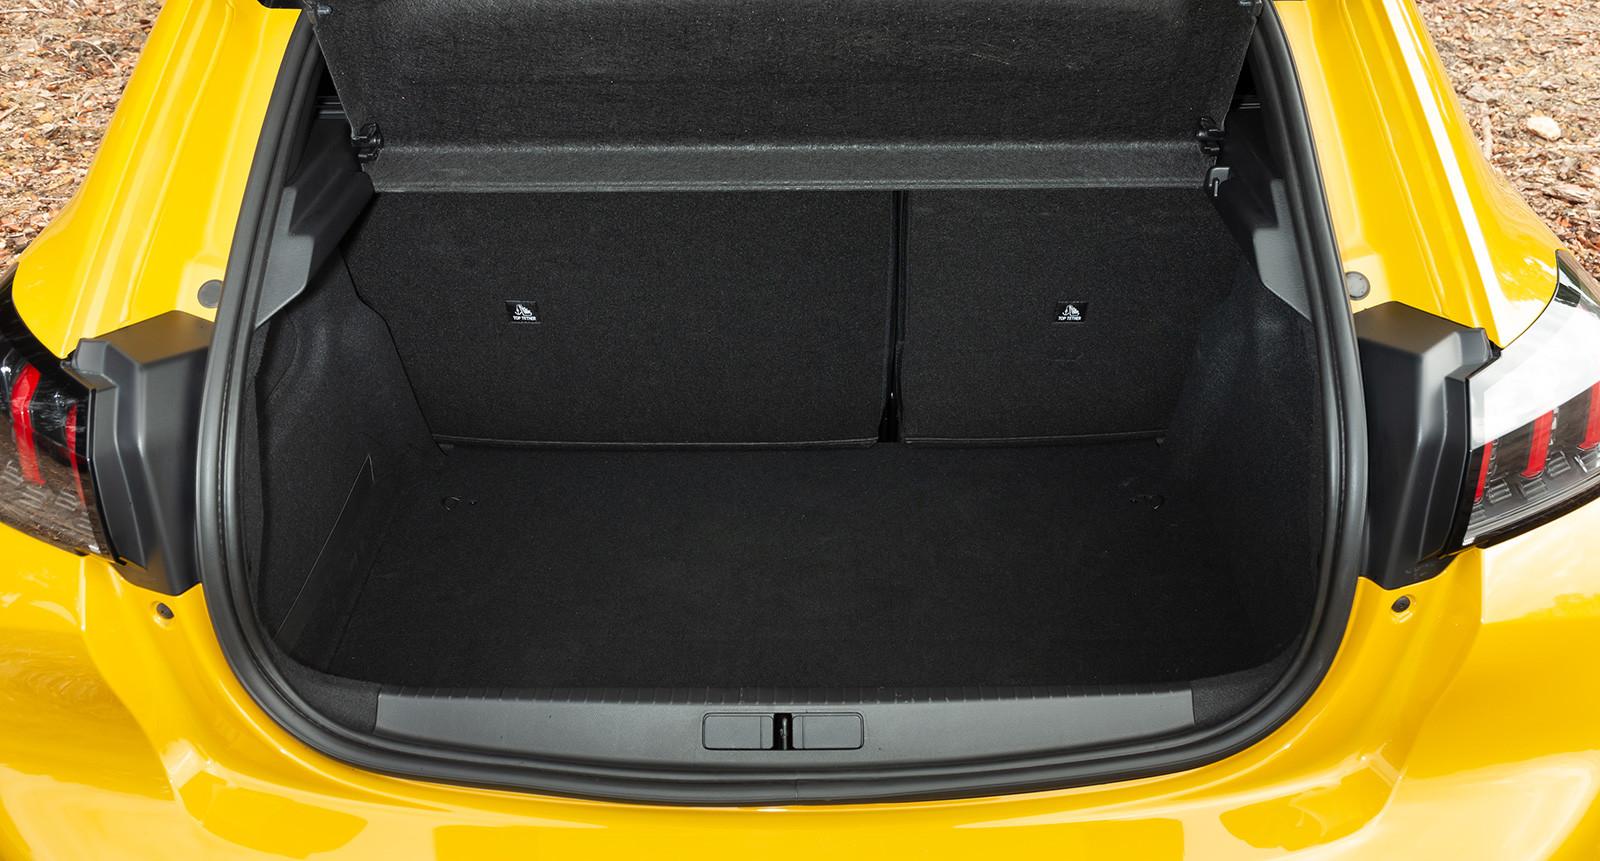 Peugeot 208 2020